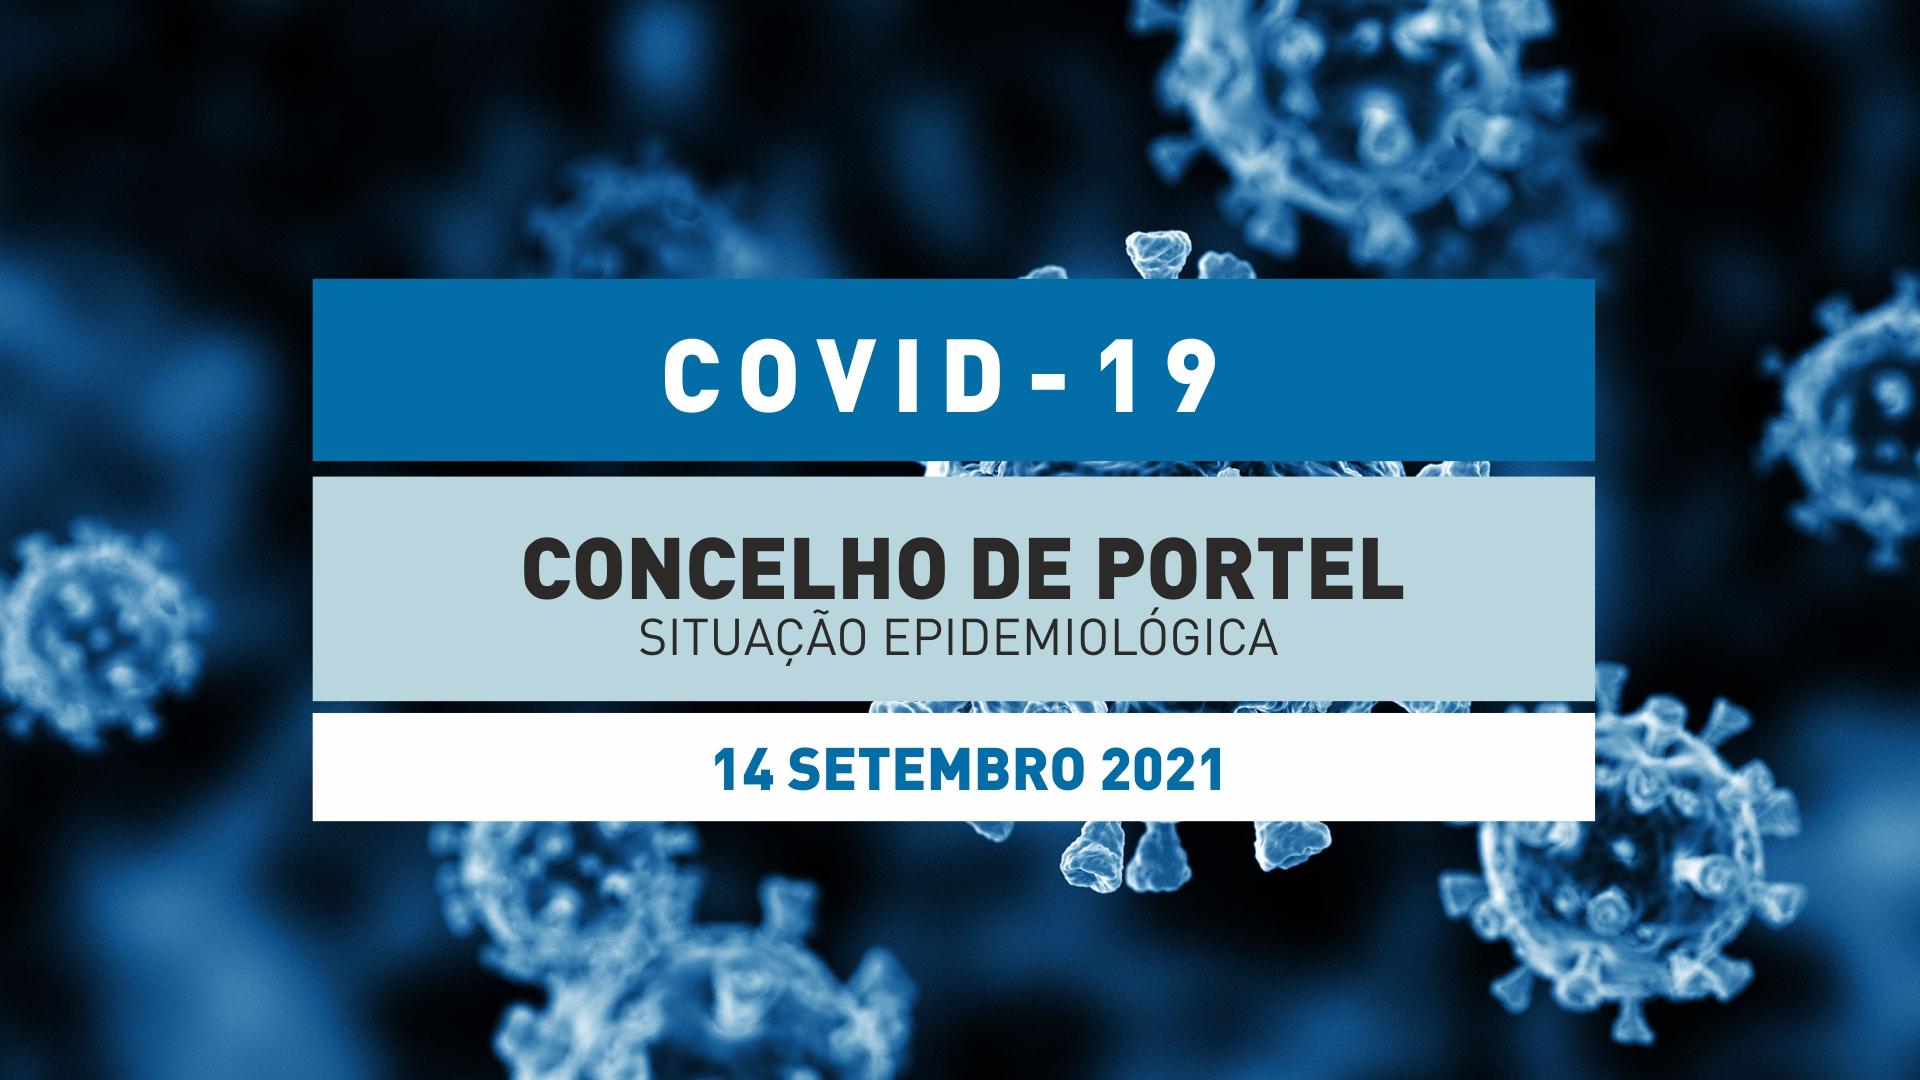 Situação Epidemiológica no Concelho de Portel – 14 Setembro 2021